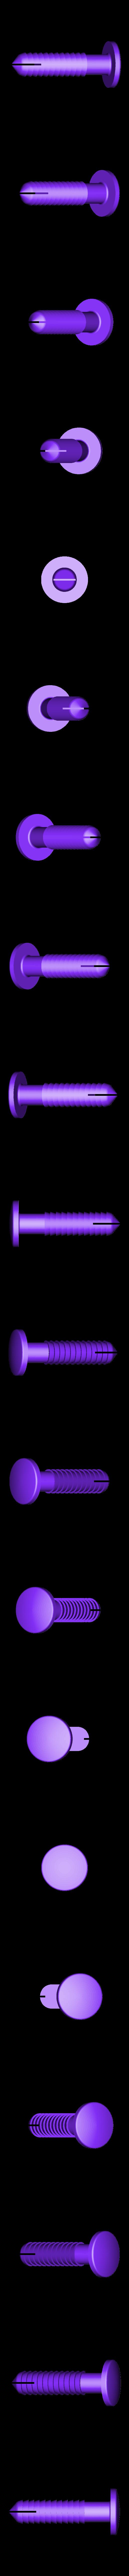 pin_print.stl Télécharger fichier STL gratuit Axe de charnière pour poubelle de recyclage • Design pour impression 3D, eried